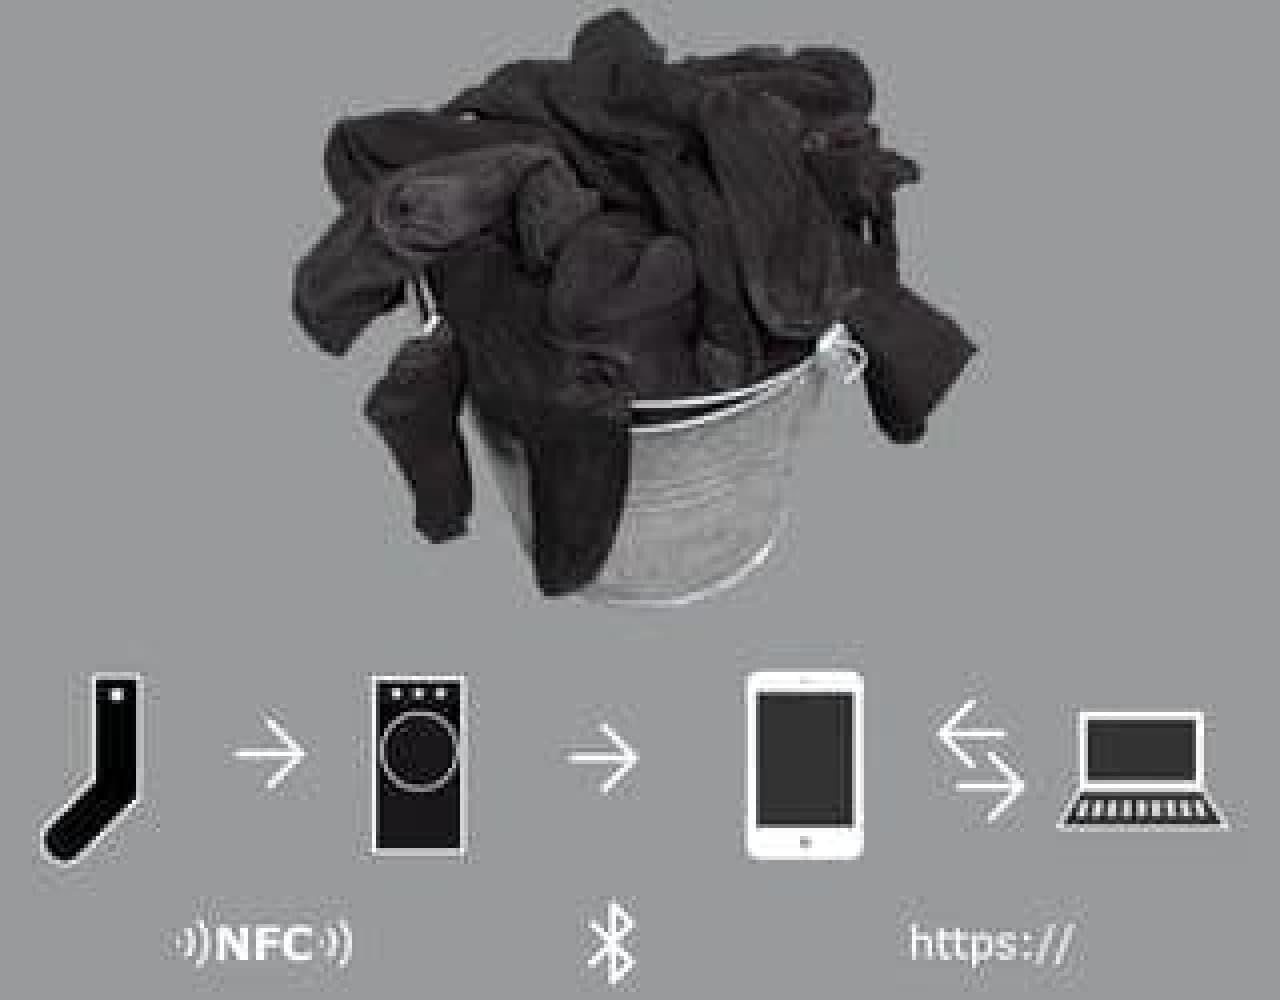 RFIDのチップが組み込まれたソックス、チップを読み込むソックスソーター、